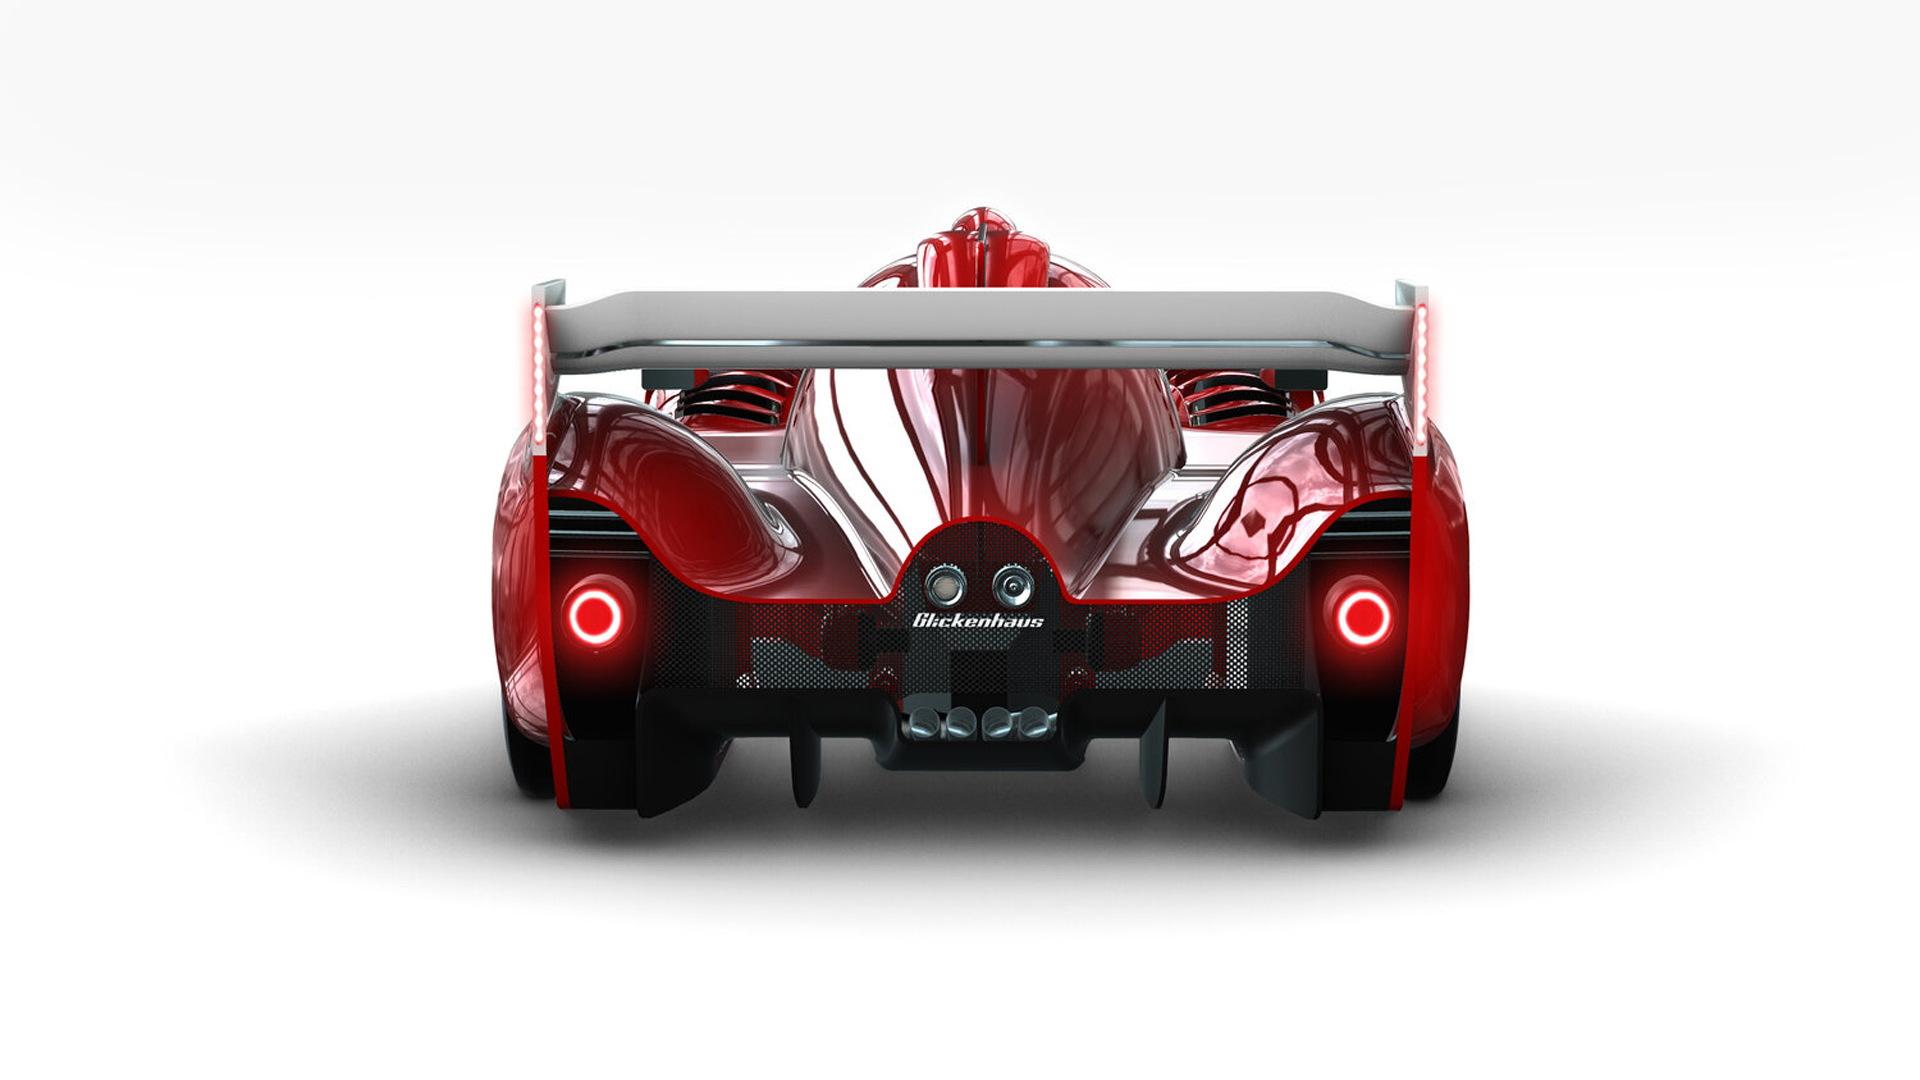 Scuderia Cameron Glickenhaus 007 Le Mans Hypercar race car